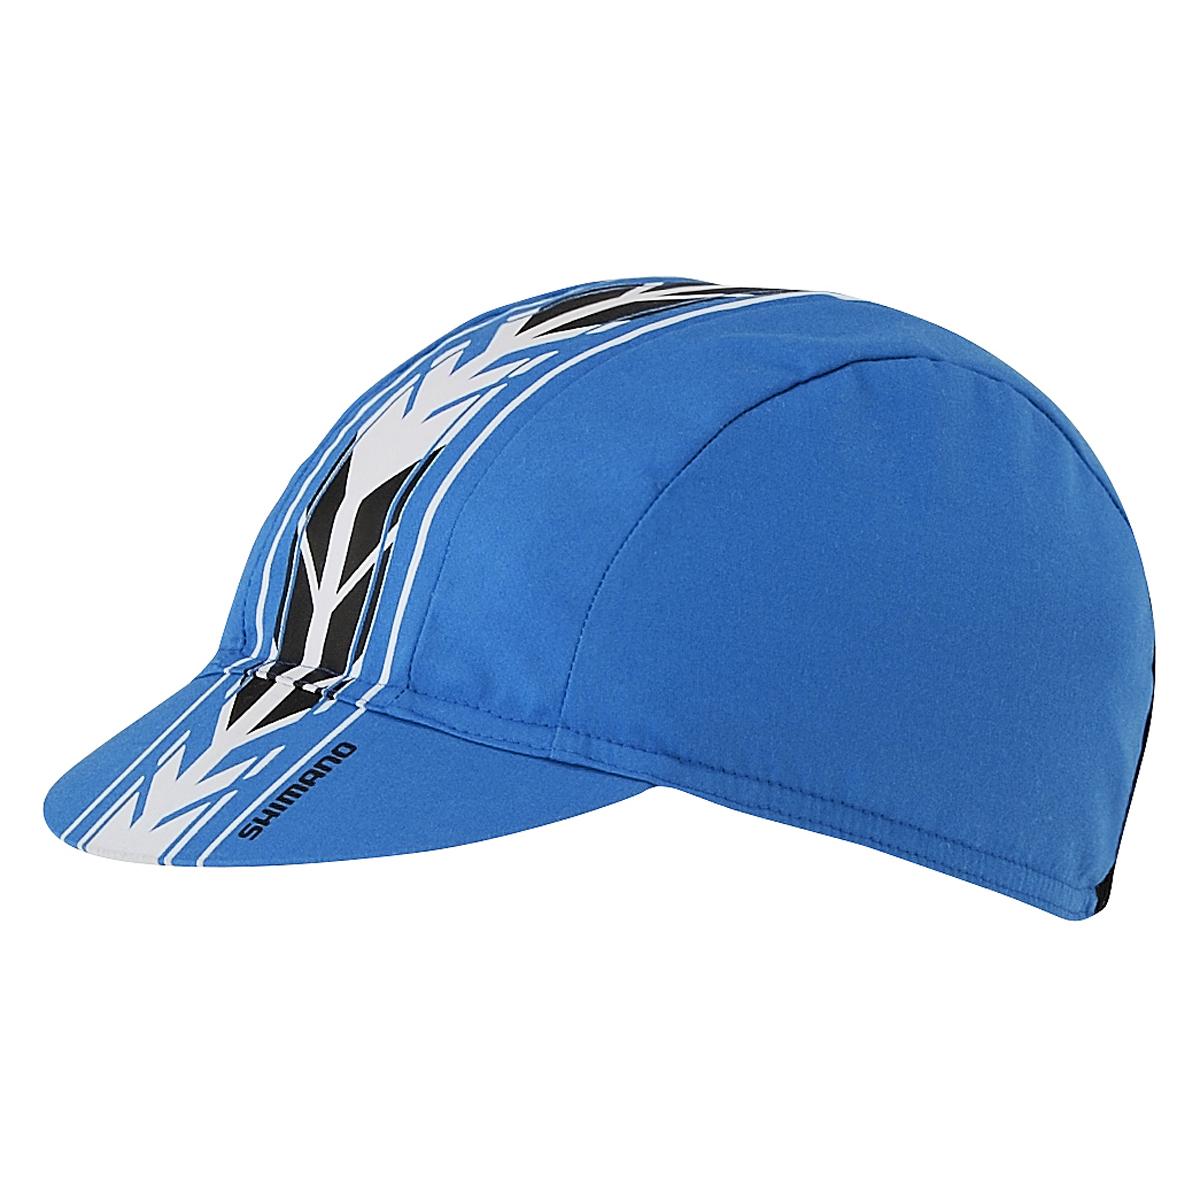 Shimano Czapka kolarska Racing kolor niebieski one size